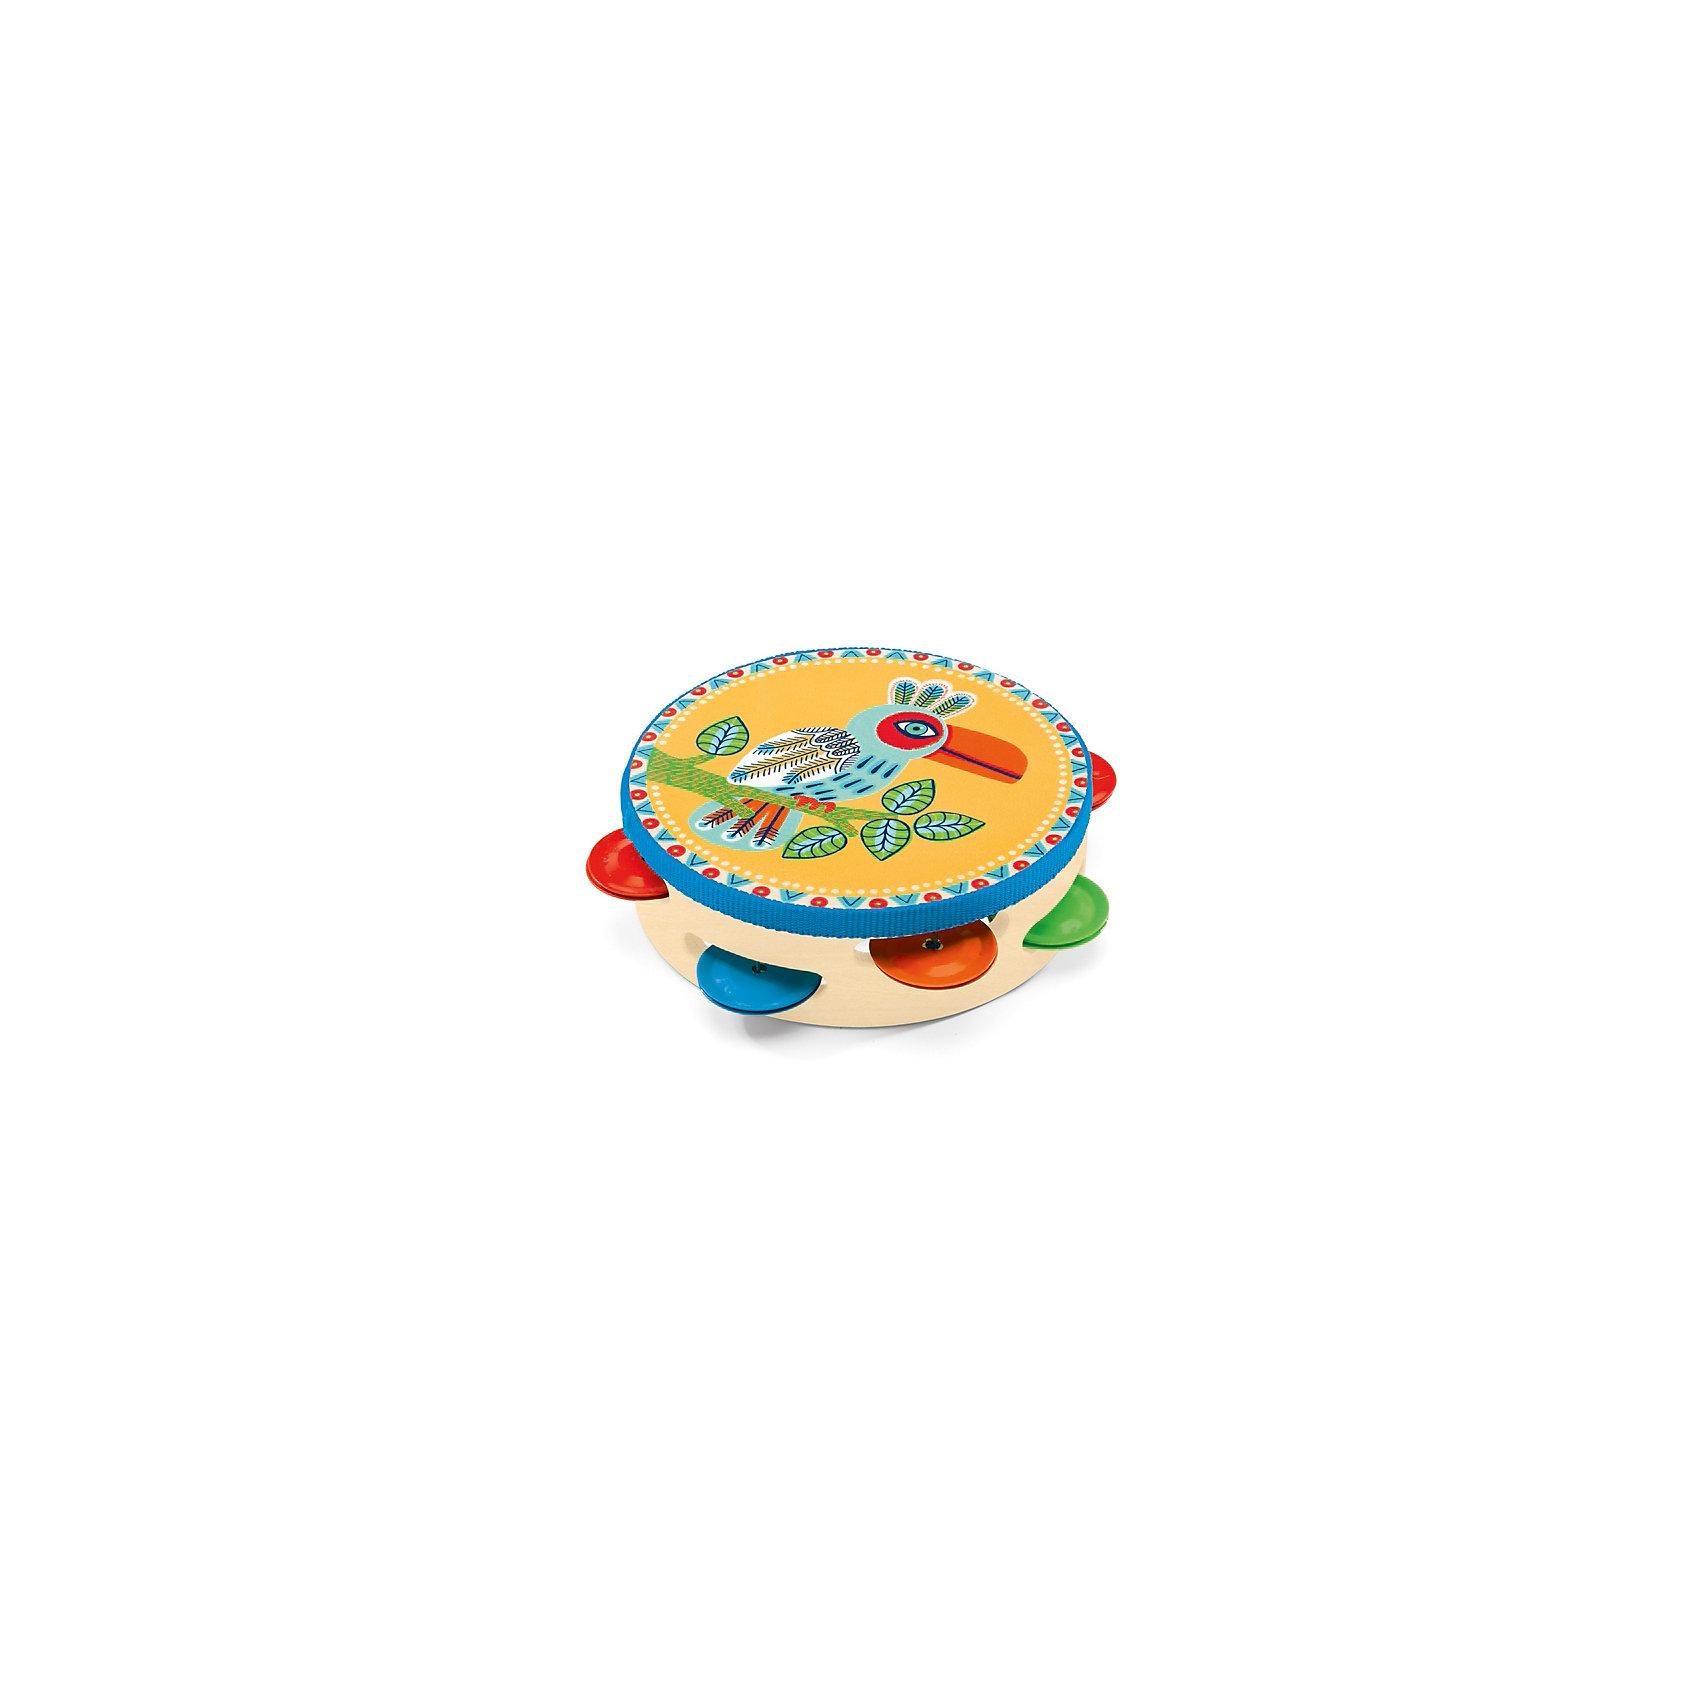 Тамбурин, DJECOЧудесный красочный тамбурин, Djeco (Джеко), непременно понравится Вашему ребенку и поможет ему развить свои музыкальные способности. Ударяя по тамбурину он будет придумывать собственные мелодии и музыкальные композиции. Игрушка имеет яркий, привлекательный для ребенка дизайн с разноцветными тарелочками и изображением красочной тропической птицы. Игрушка изготовлена из безопасных высококачественных материалов. Игра на тамбурине способствует развитию чувства ритма, музыкального слуха и творческих способностей ребенка.<br><br>Дополнительная информация:<br><br>- Материал: дерево, металл.<br>- Размер игрушки: 14,5 х 4,5 см.<br>- Размер упаковки: 17 х 17,5 х 5 см.<br><br>Тамбурин, Djeco (Джеко), можно ,купить в нашем интернет-магазине.<br><br>Ширина мм: 180<br>Глубина мм: 280<br>Высота мм: 10<br>Вес г: 180<br>Возраст от месяцев: 36<br>Возраст до месяцев: 72<br>Пол: Унисекс<br>Возраст: Детский<br>SKU: 4215019